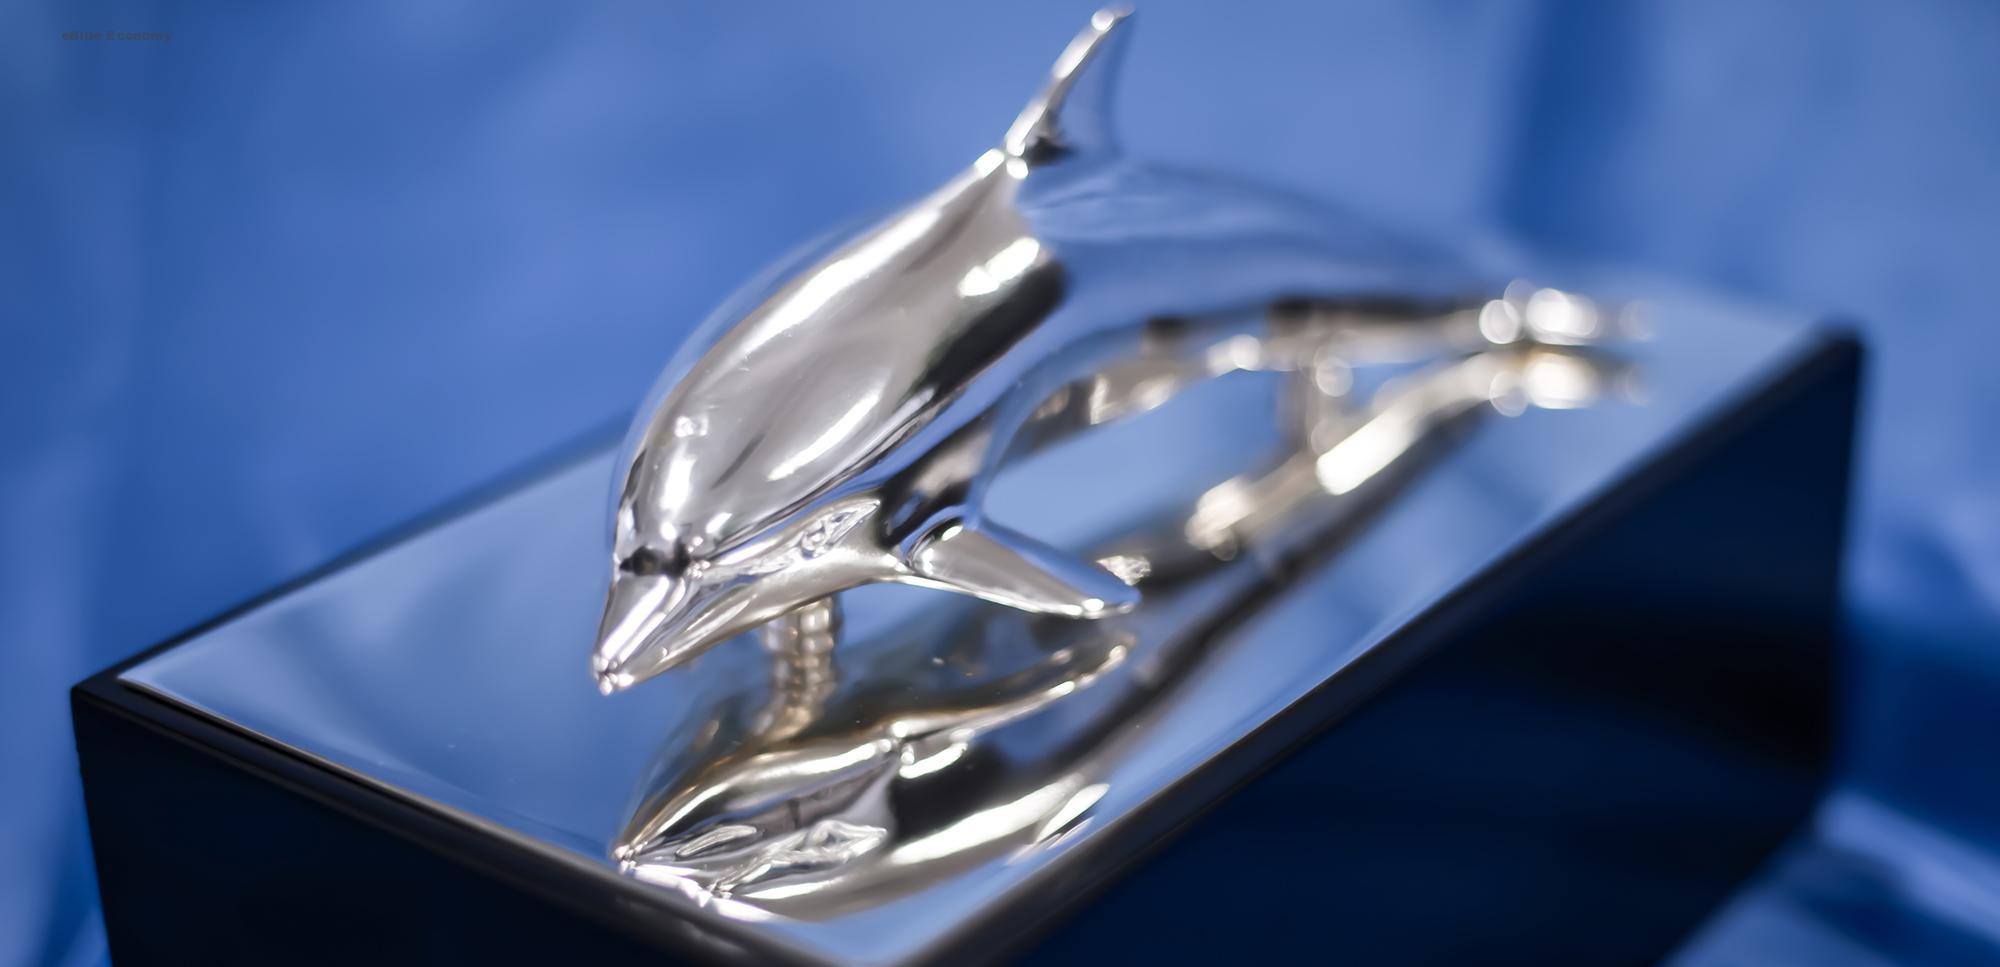 eBlue_economy_International Maritime Prize to go to Mr. Paul Sadler_UK